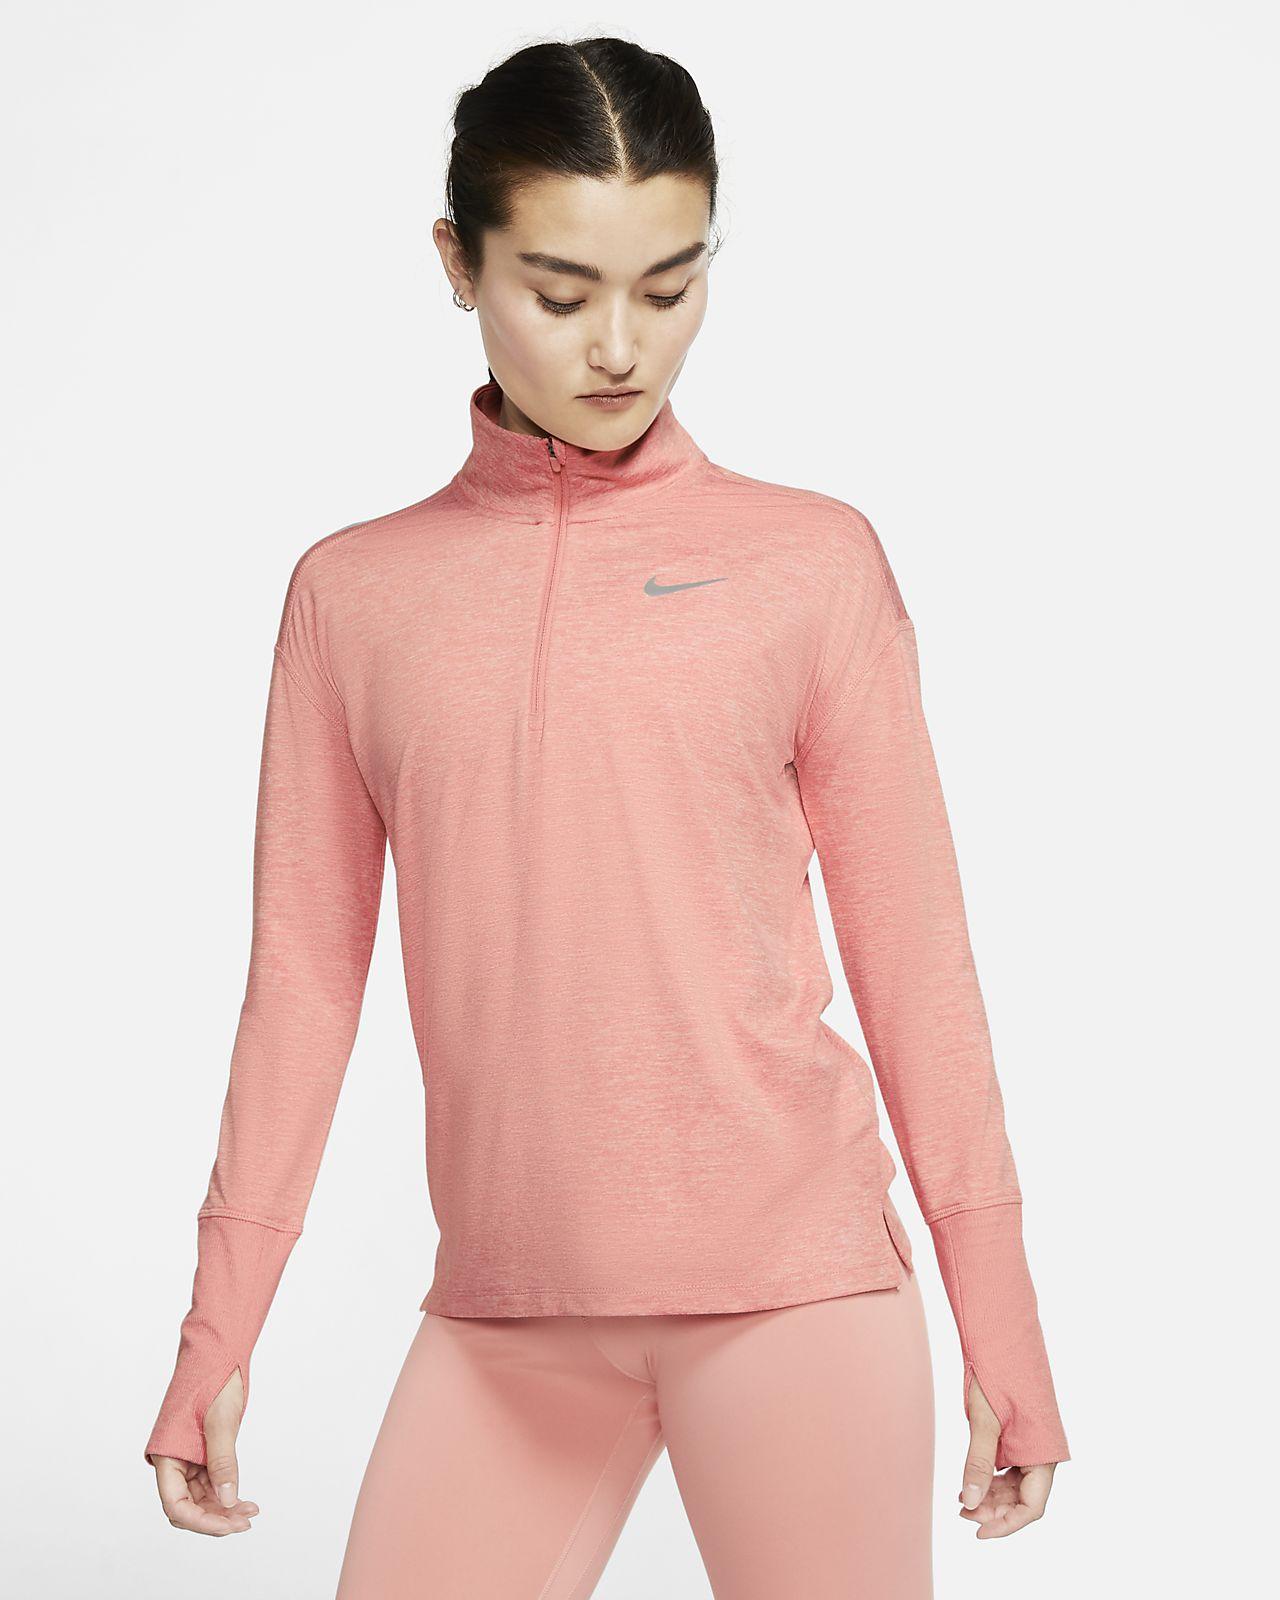 Γυναικεία μπλούζα για τρέξιμο με φερμουάρ στο μισό μήκος Nike